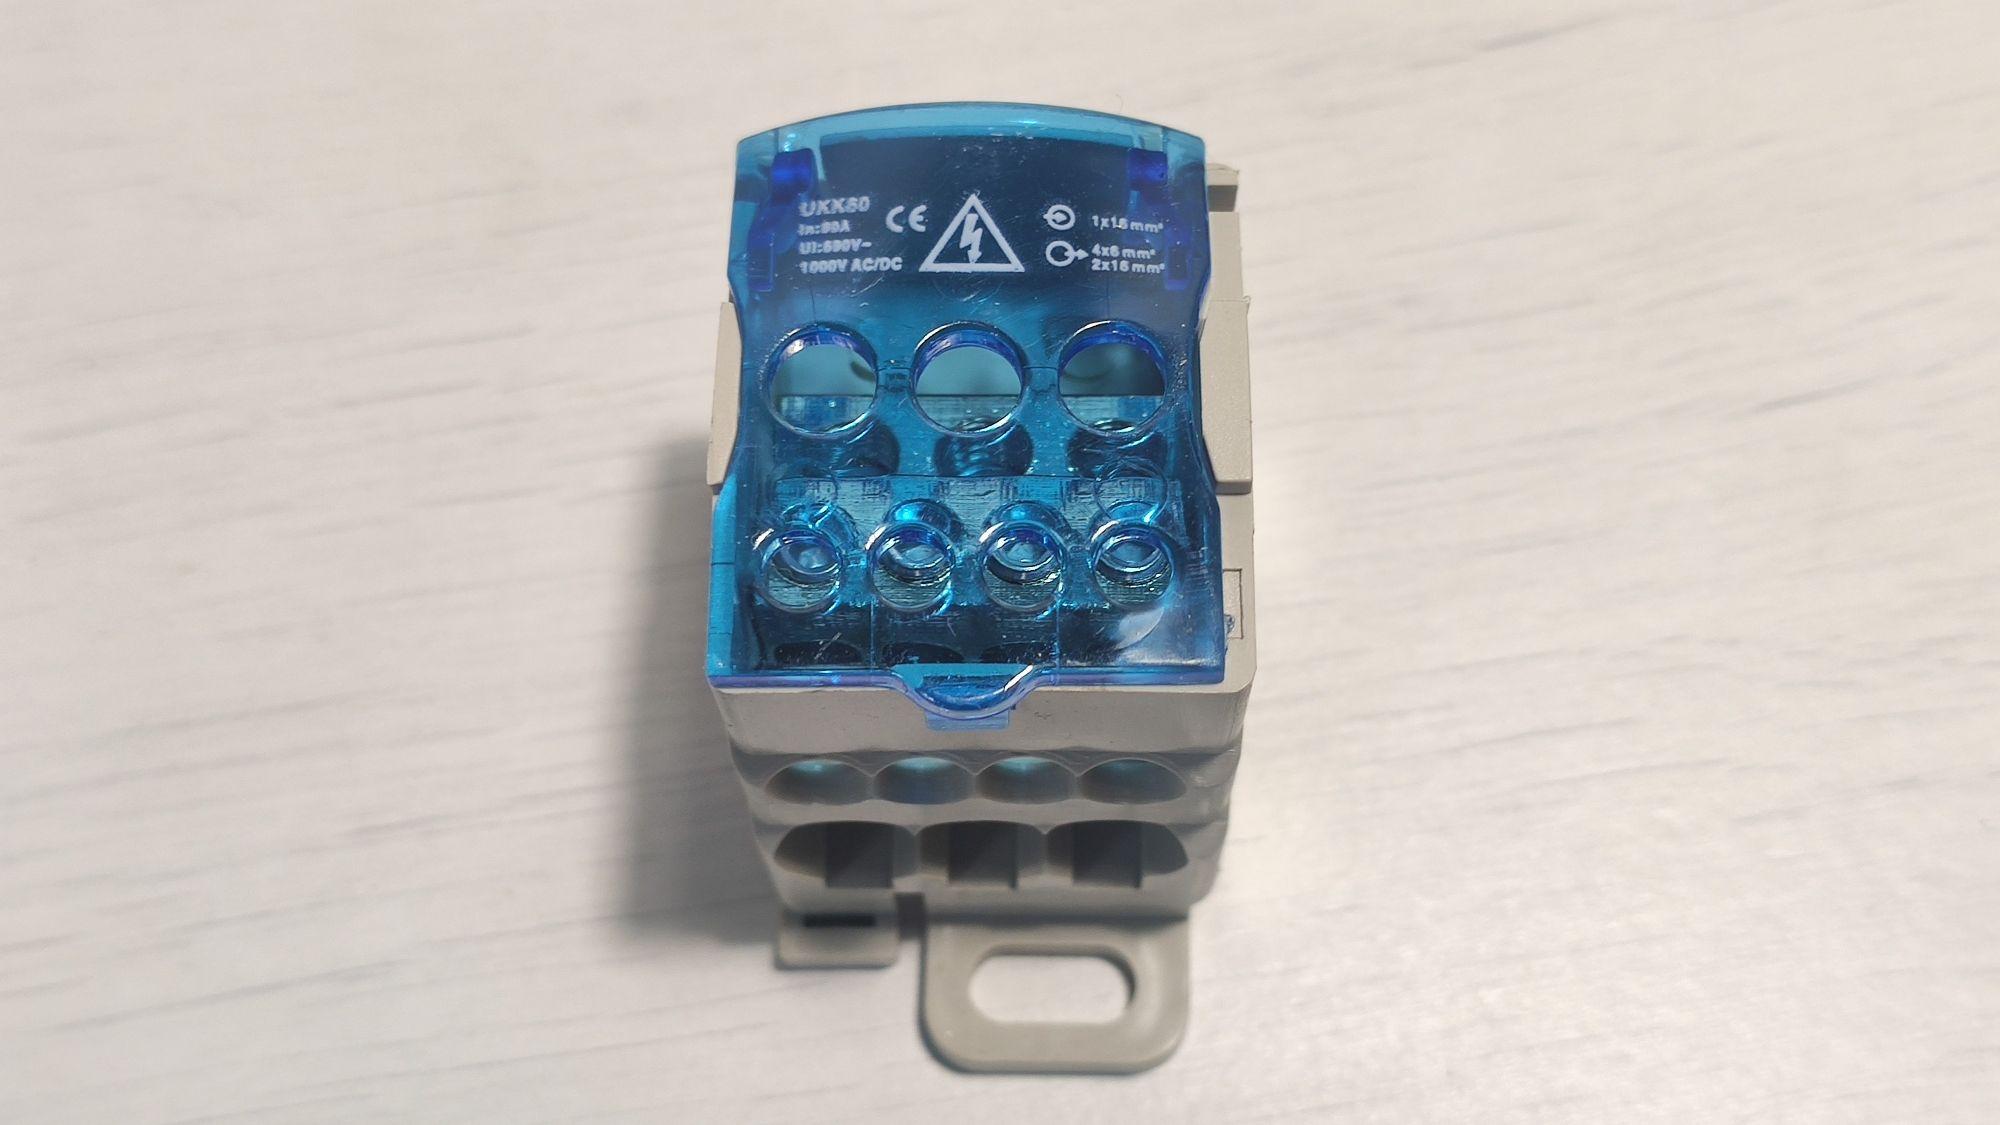 Bloco caixa distribuição terminal UKK-80